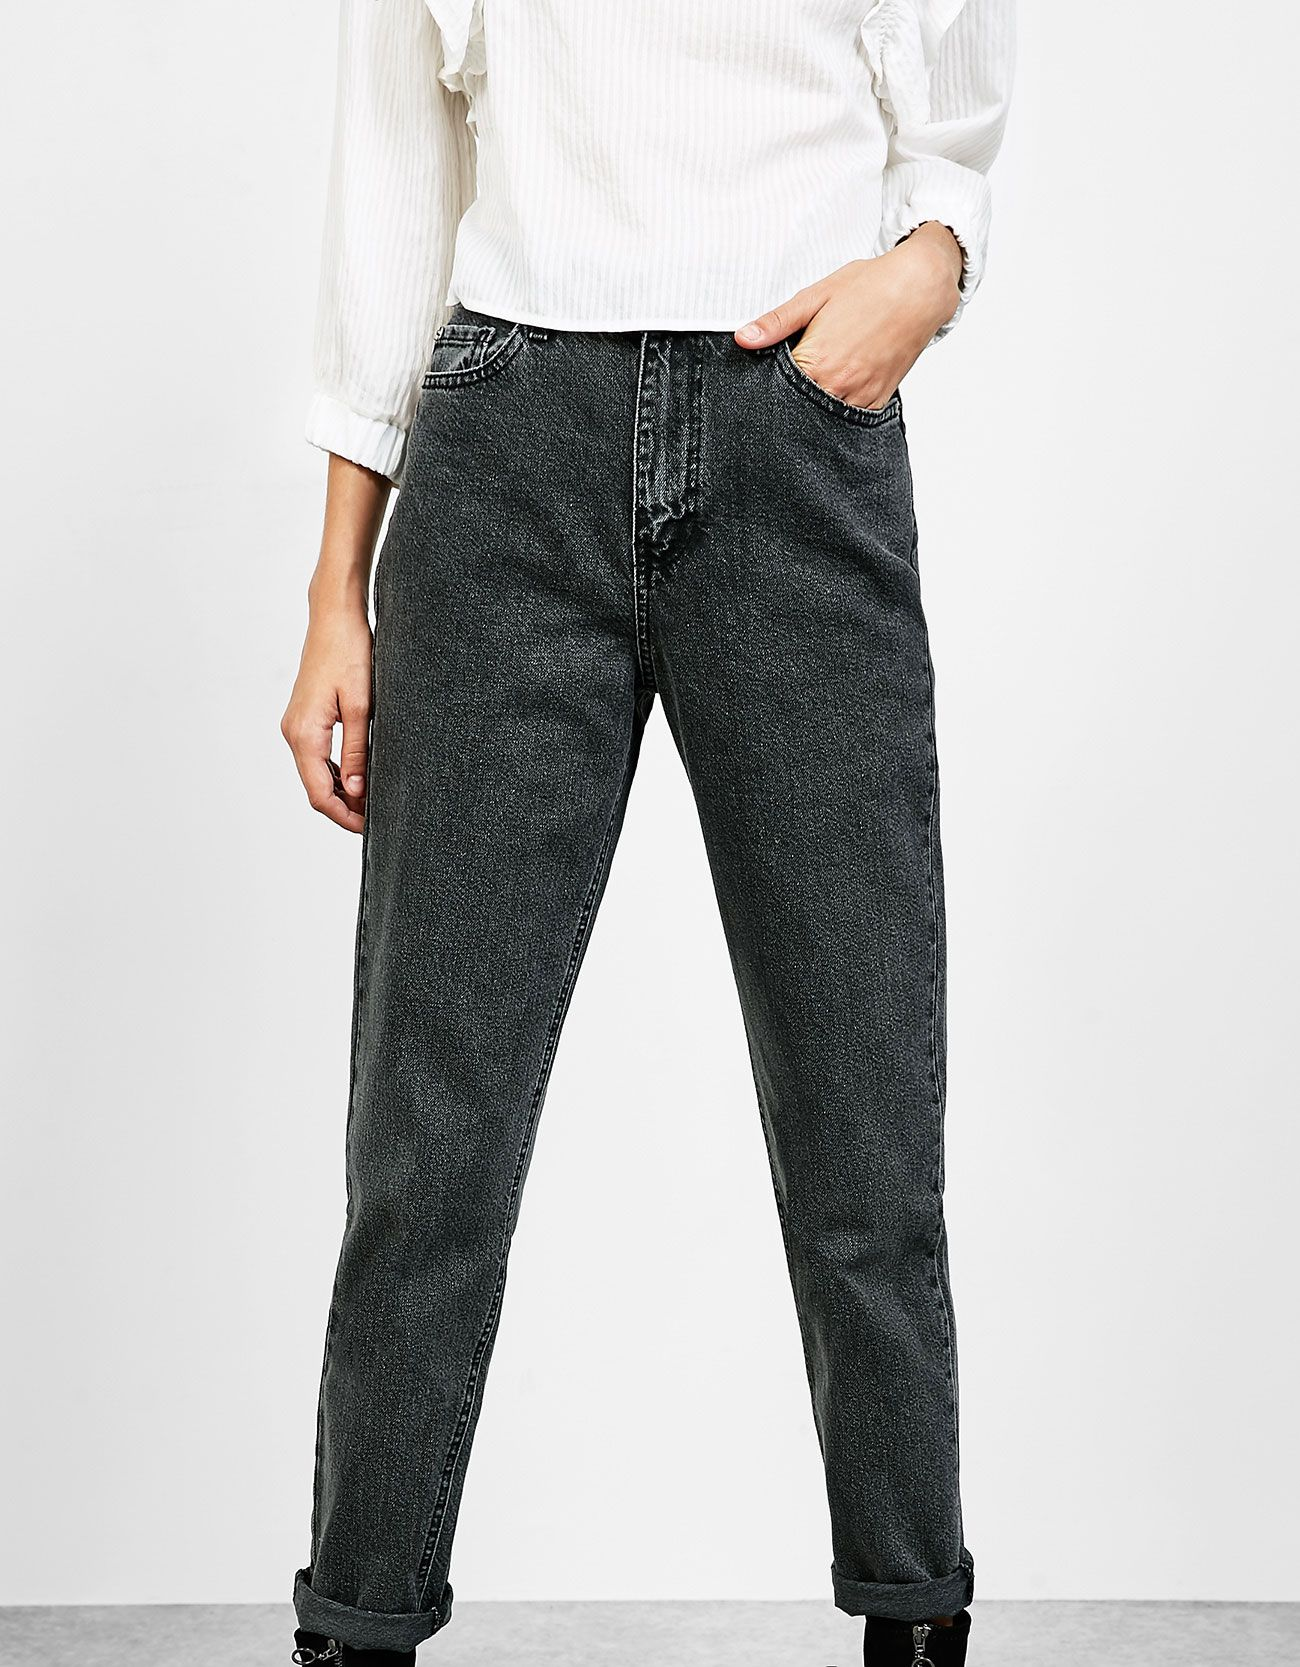 Jeansy o fasonie hight waist 'Mom Fit'.  Odkryj to i wiele innych ubrań w Bershka w cotygodniowych nowościach